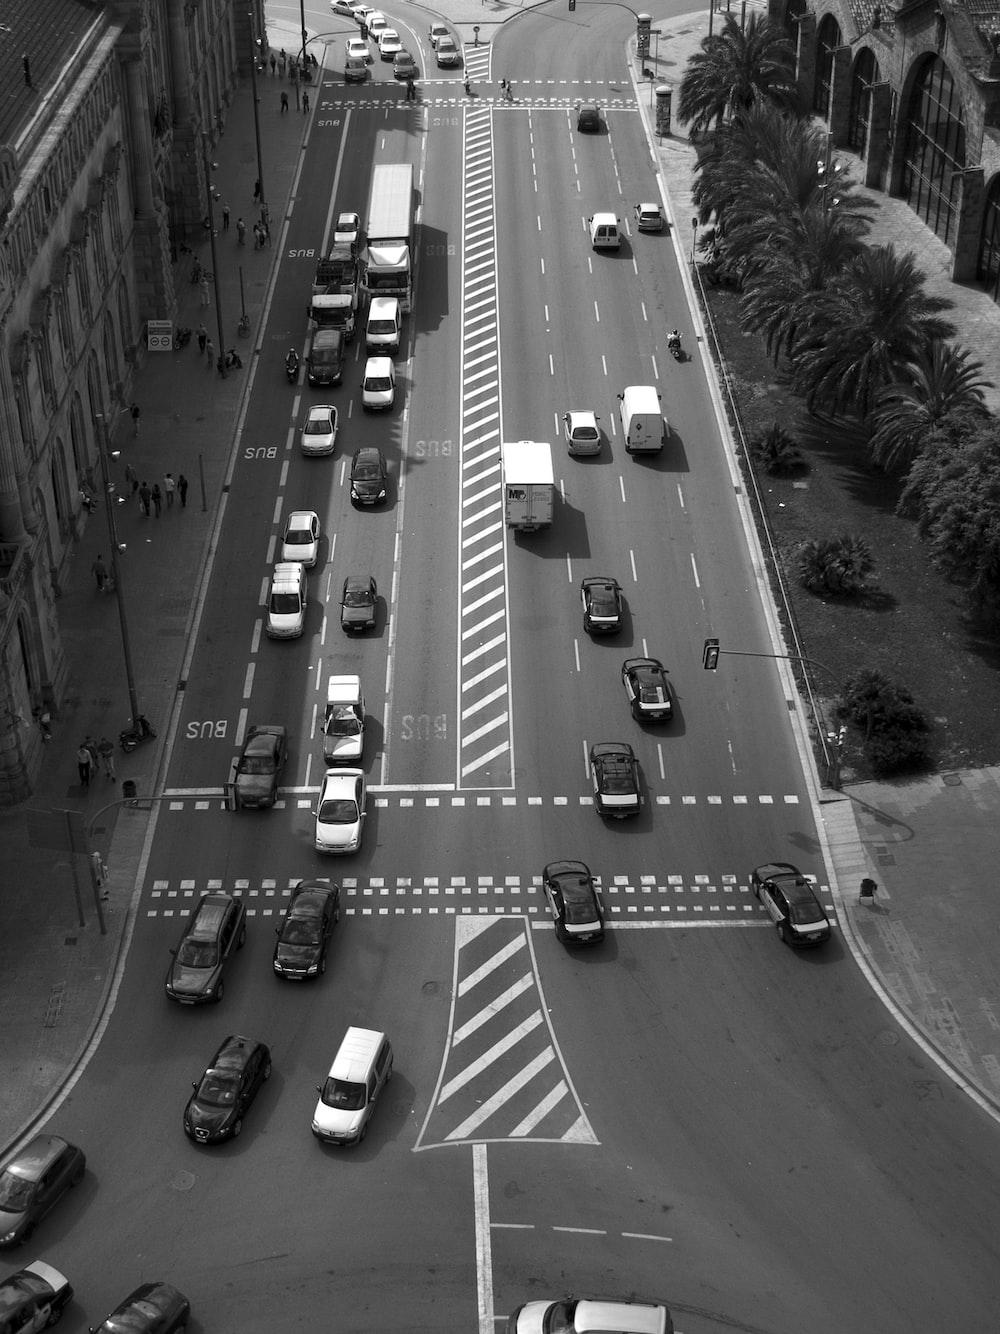 birds eye view of vehicles on road between buildings